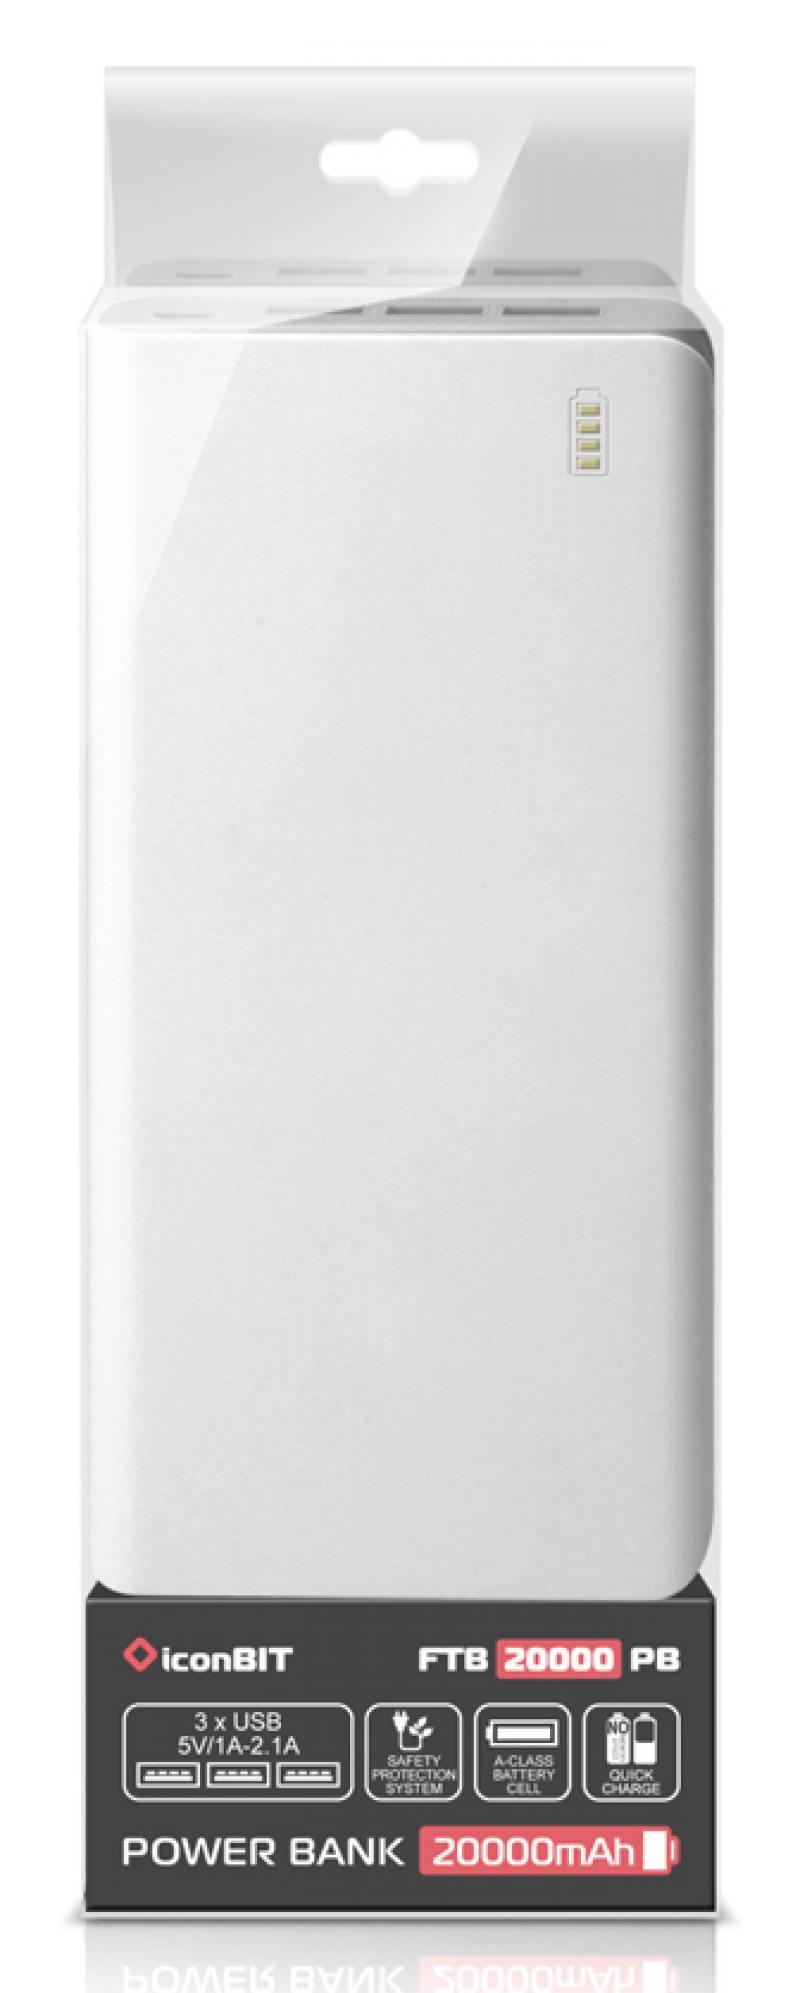 Портативное зарядное устройство IconBIT FTB20000PB 20000mAh белый